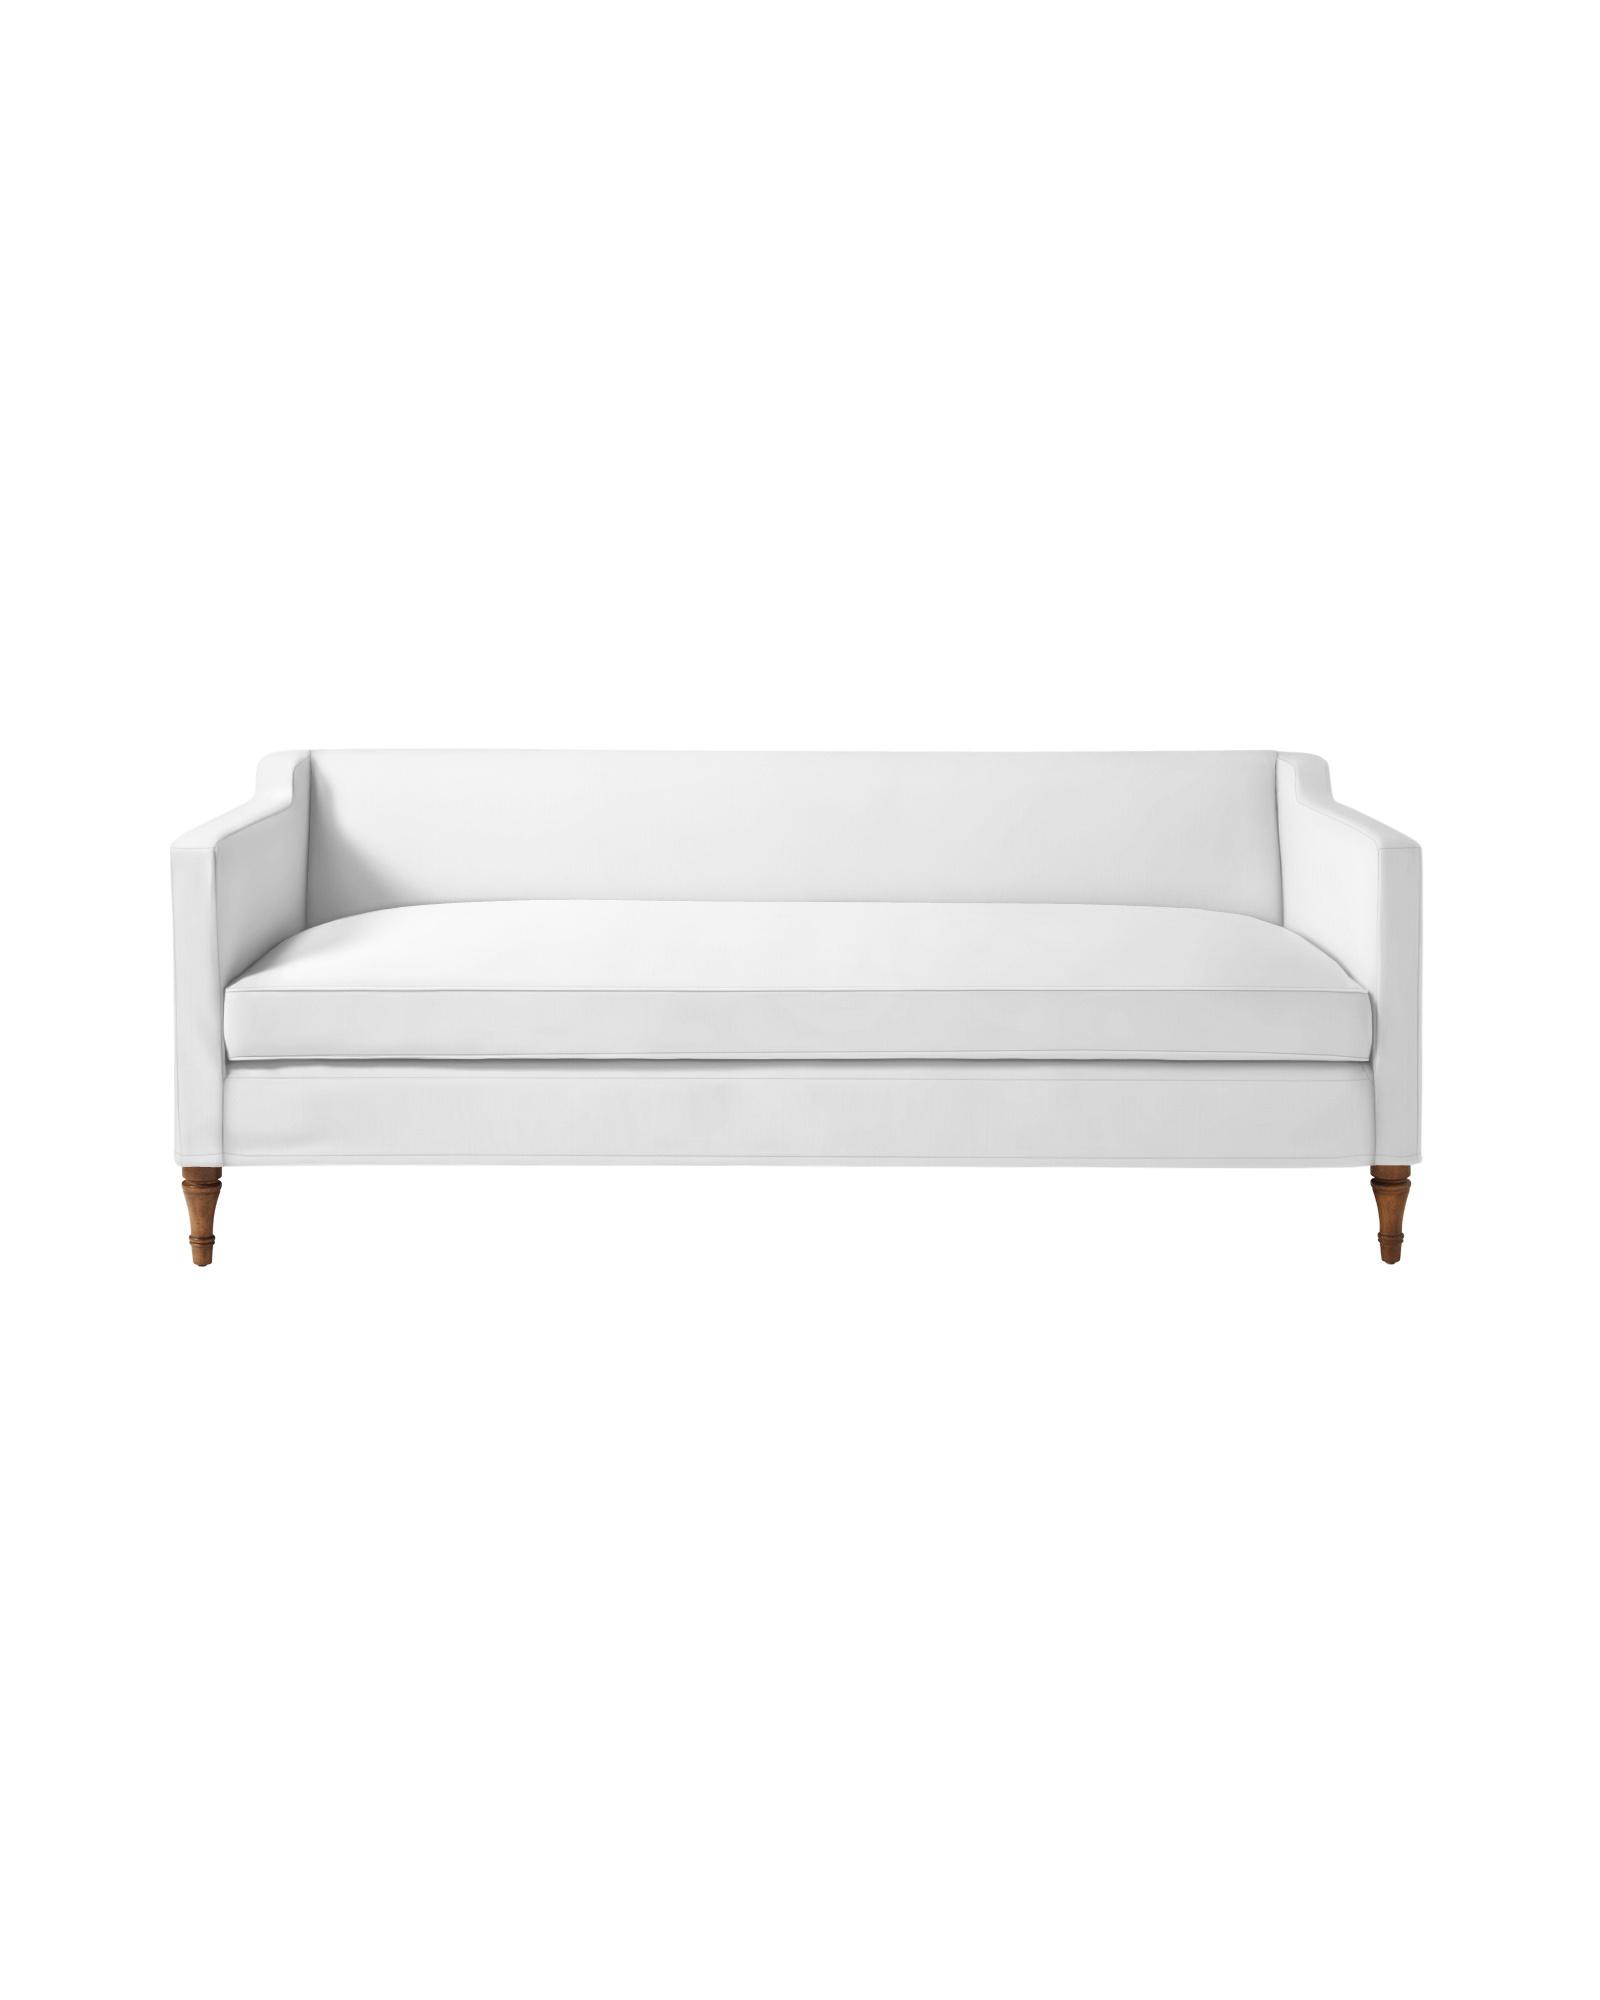 Eastgate Sofa - Slipcovered